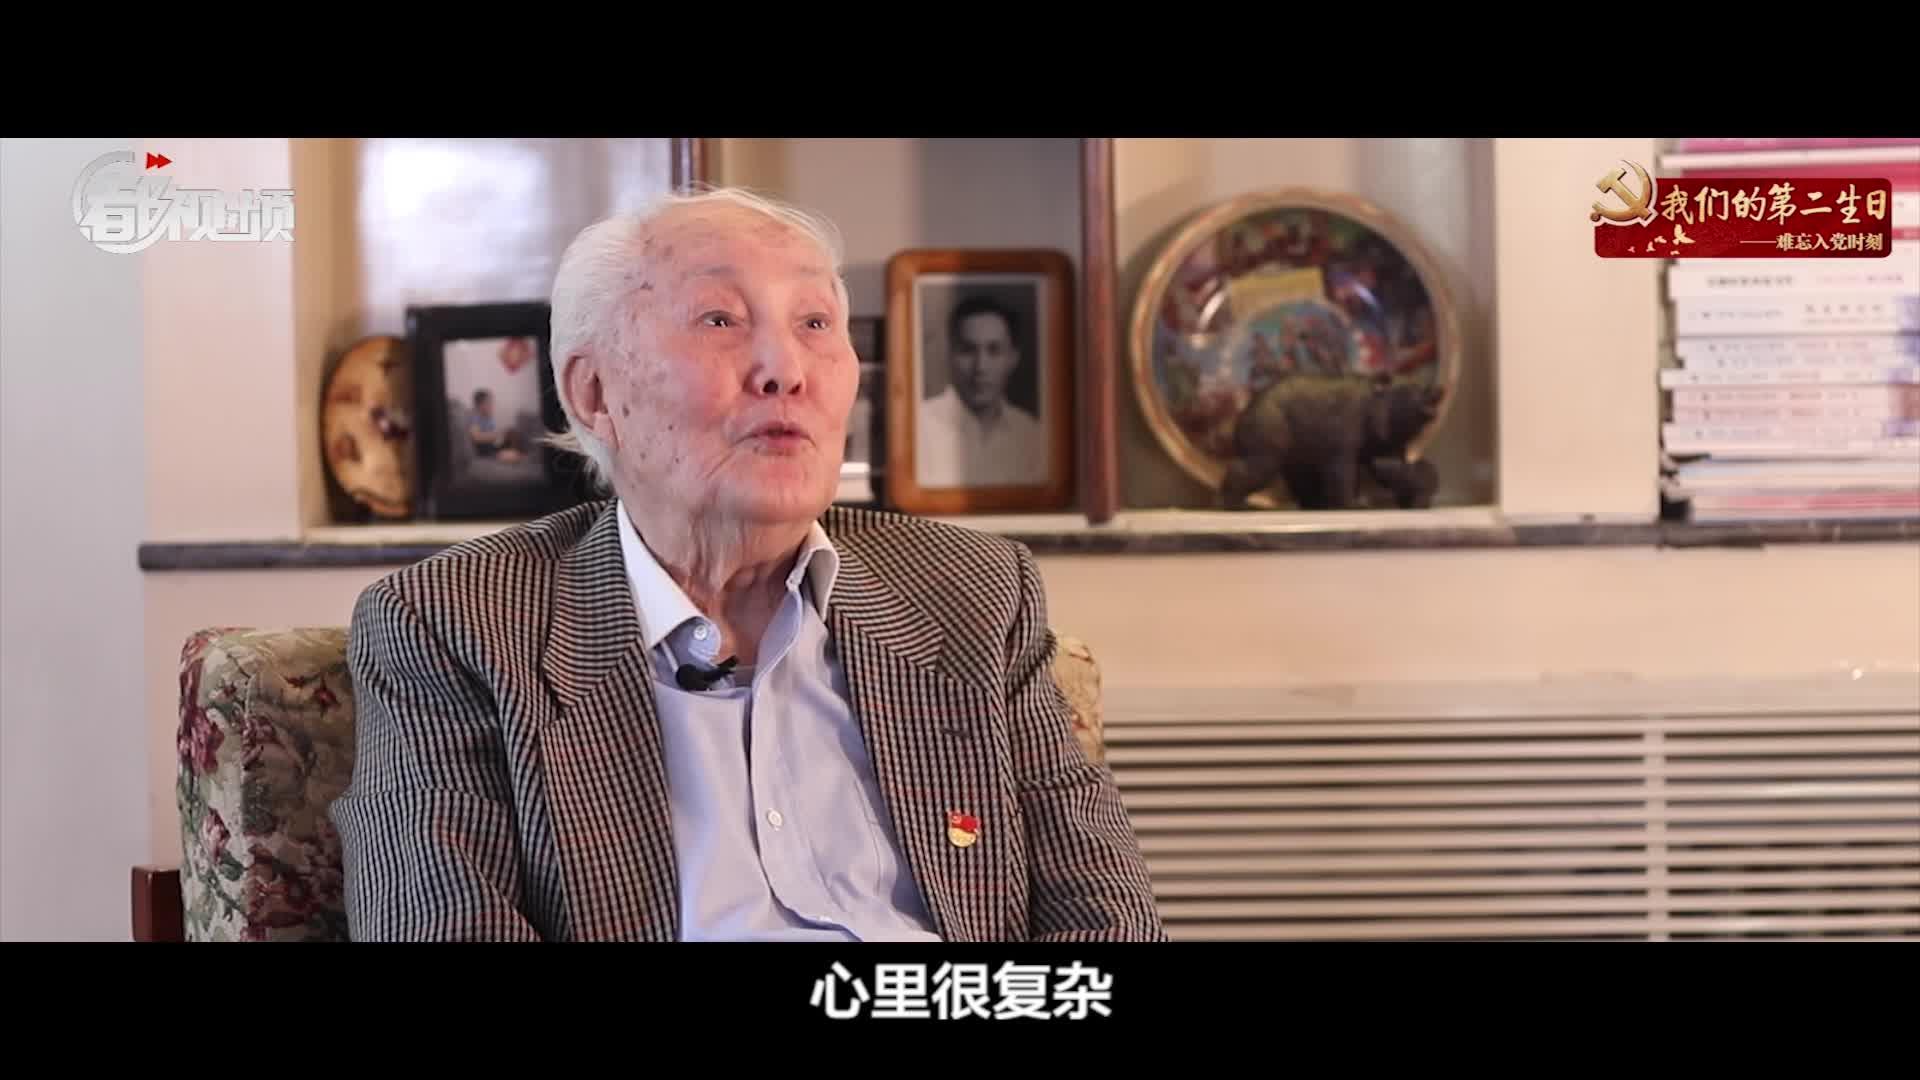 我们的第二生日|黄书海:思想入党比组织入党更重要